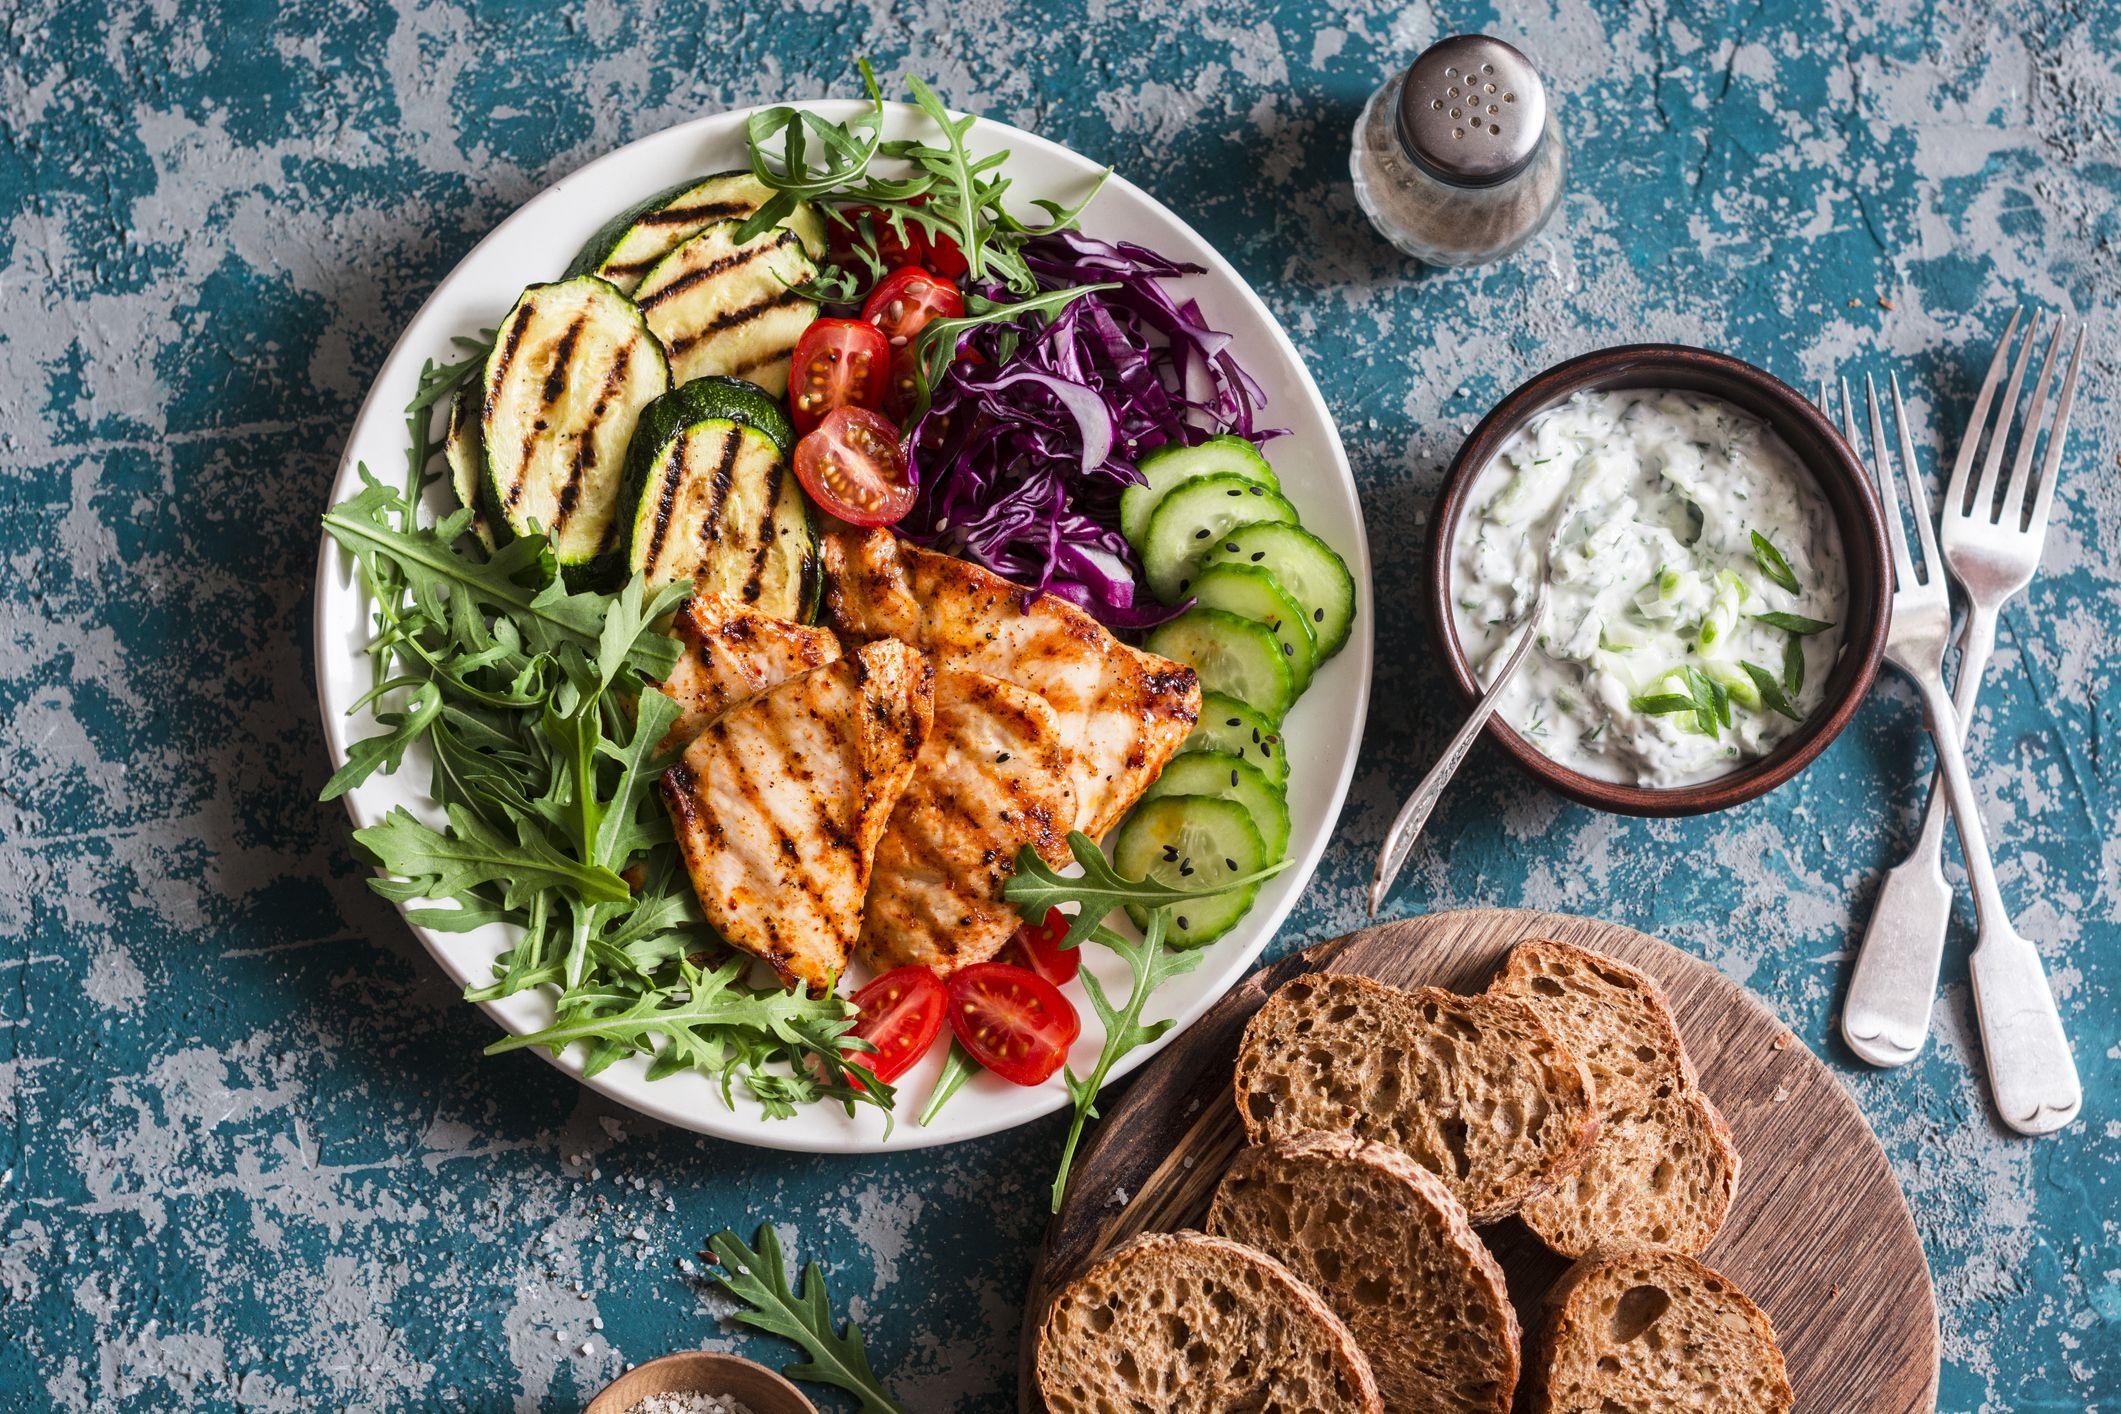 mediterranean diet study retraction